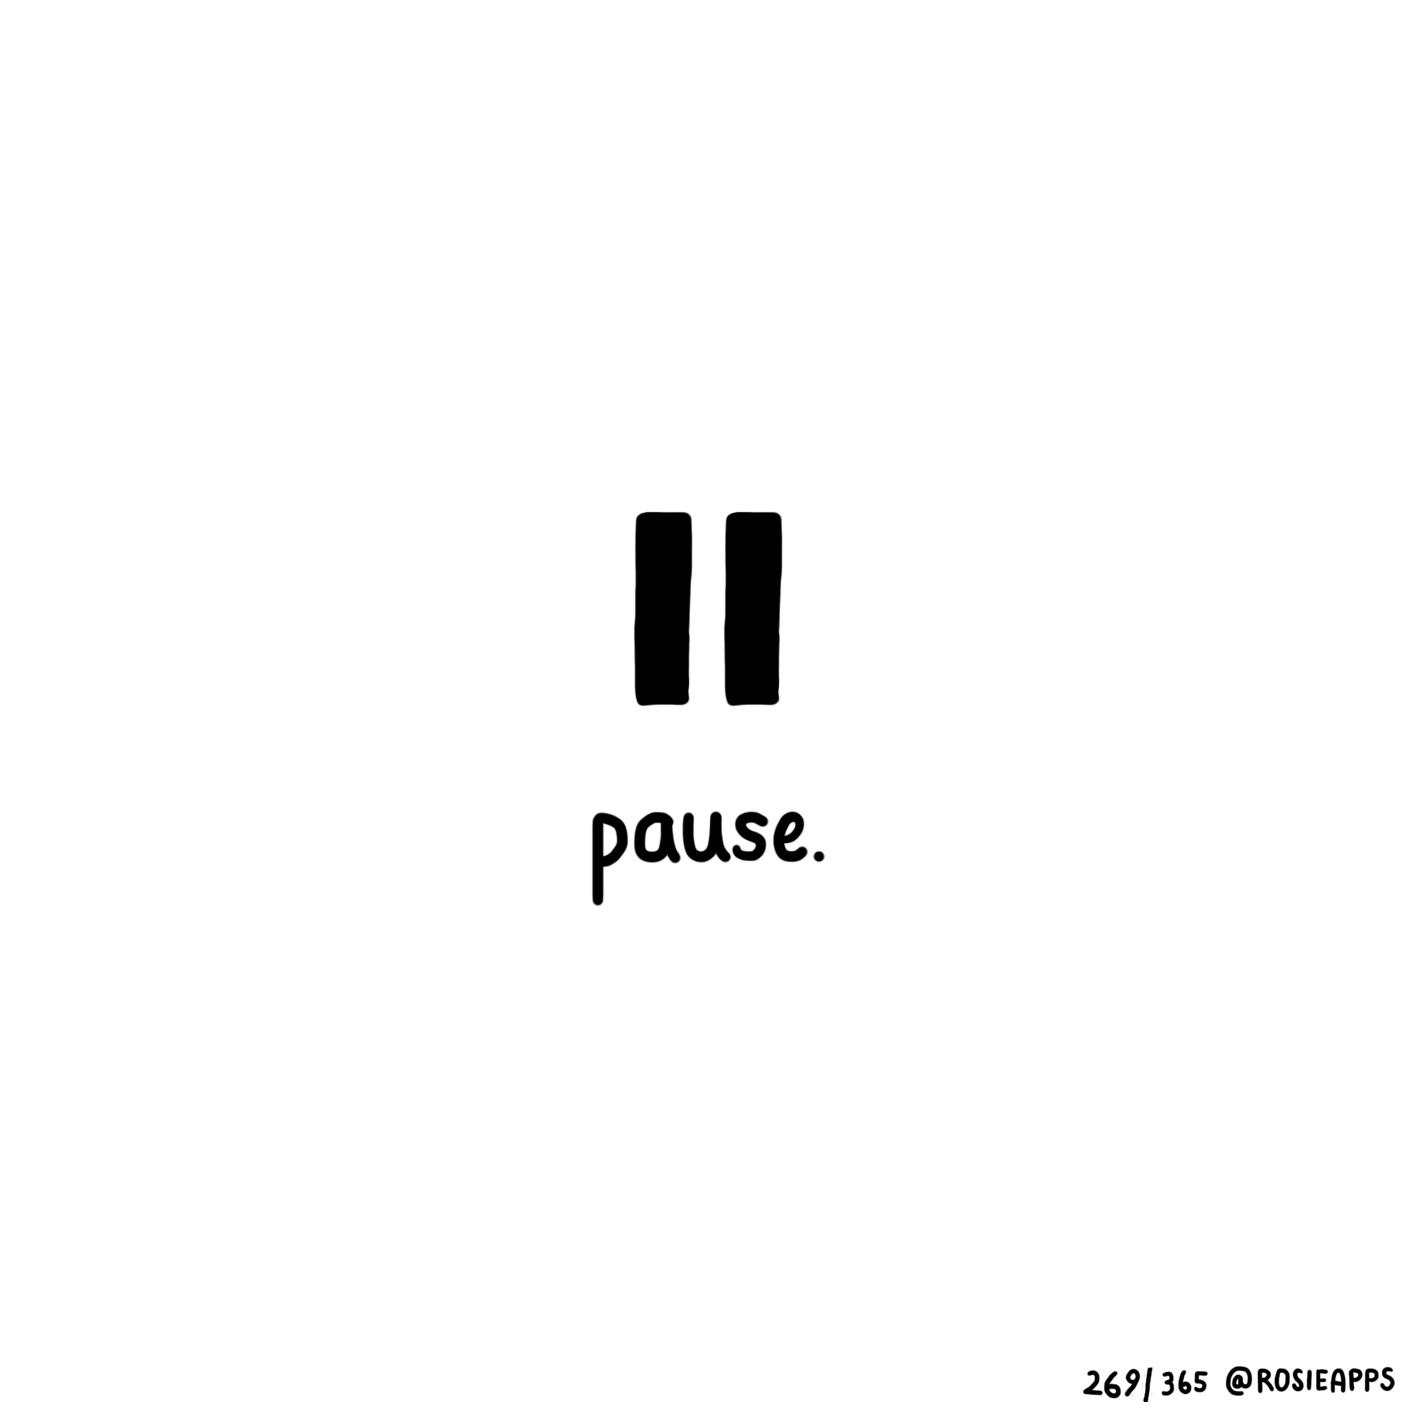 September-269-365 Pause.jpg